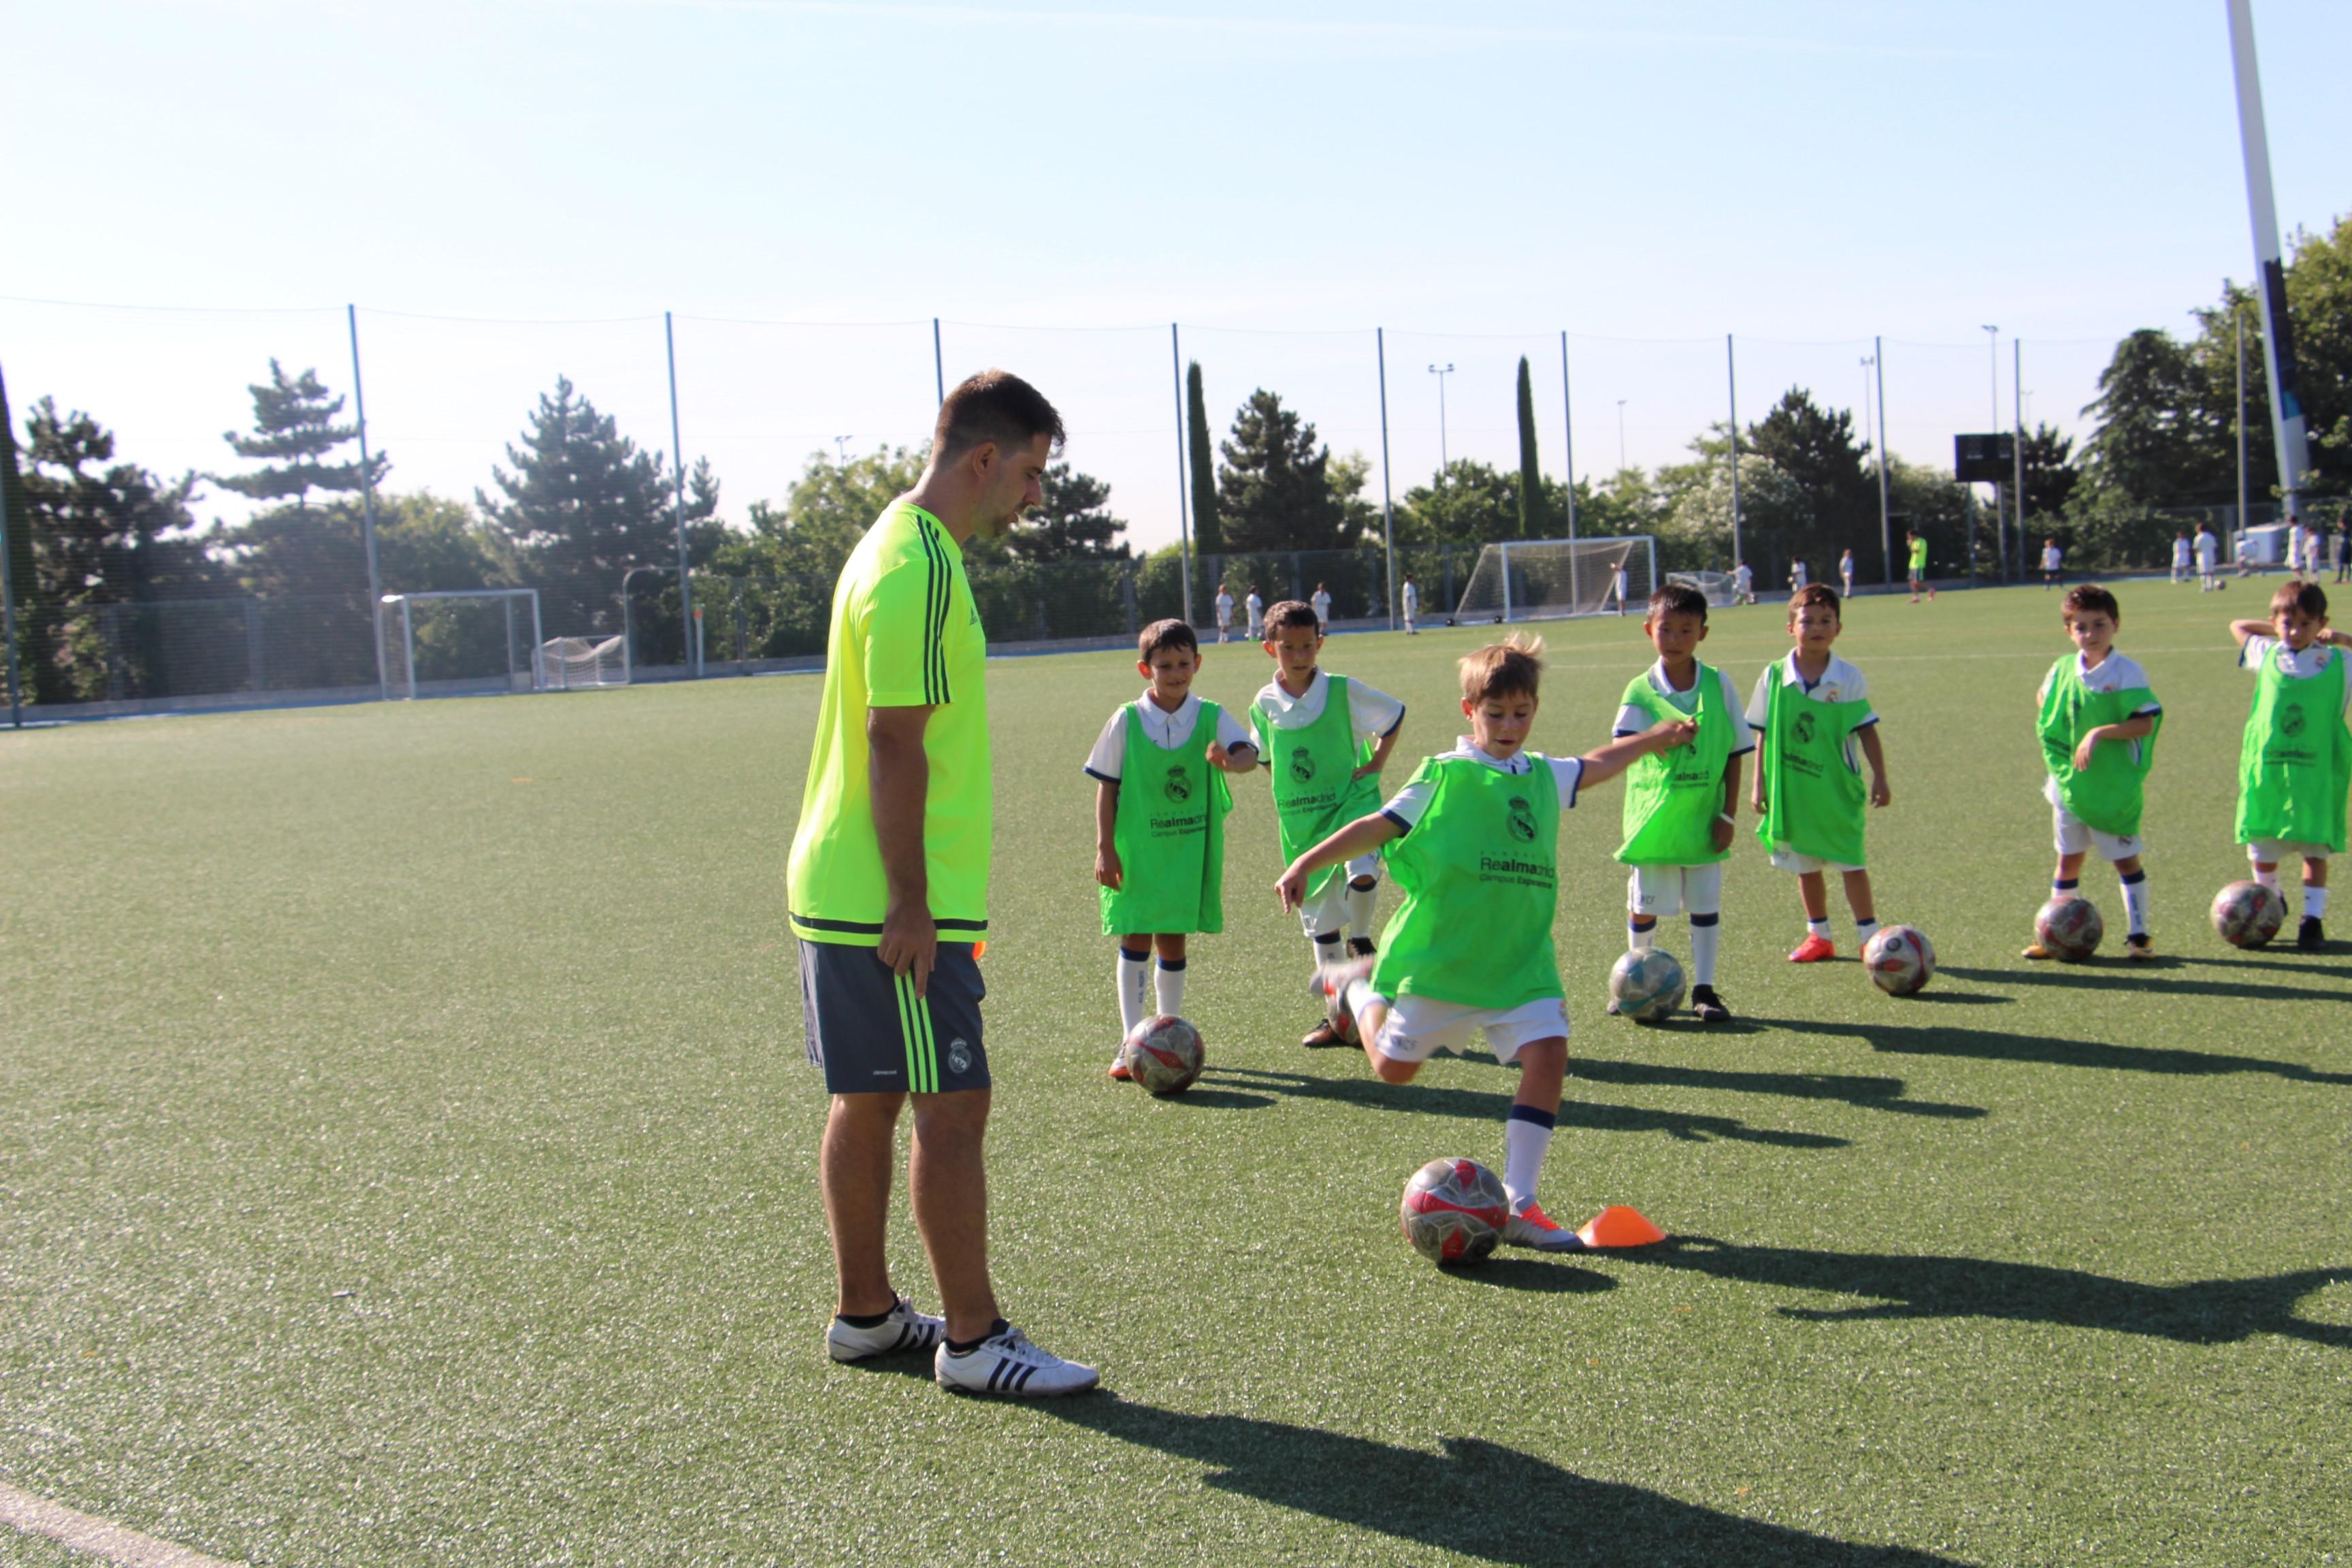 孩子几岁开始学踢足球最好?